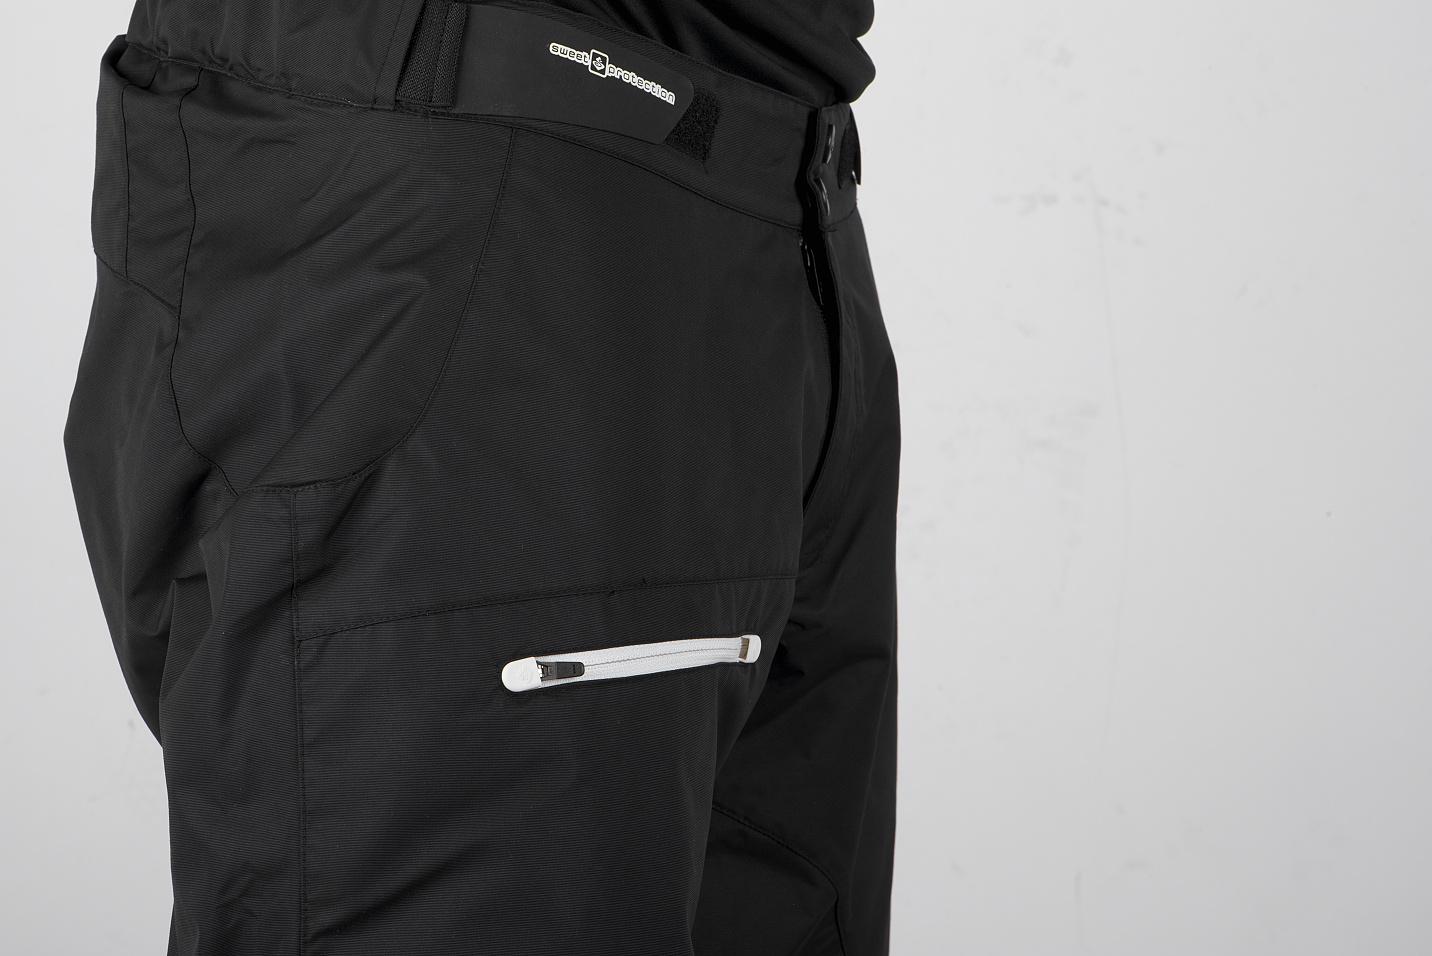 shambala_shorts-true_black-detail02.jpg